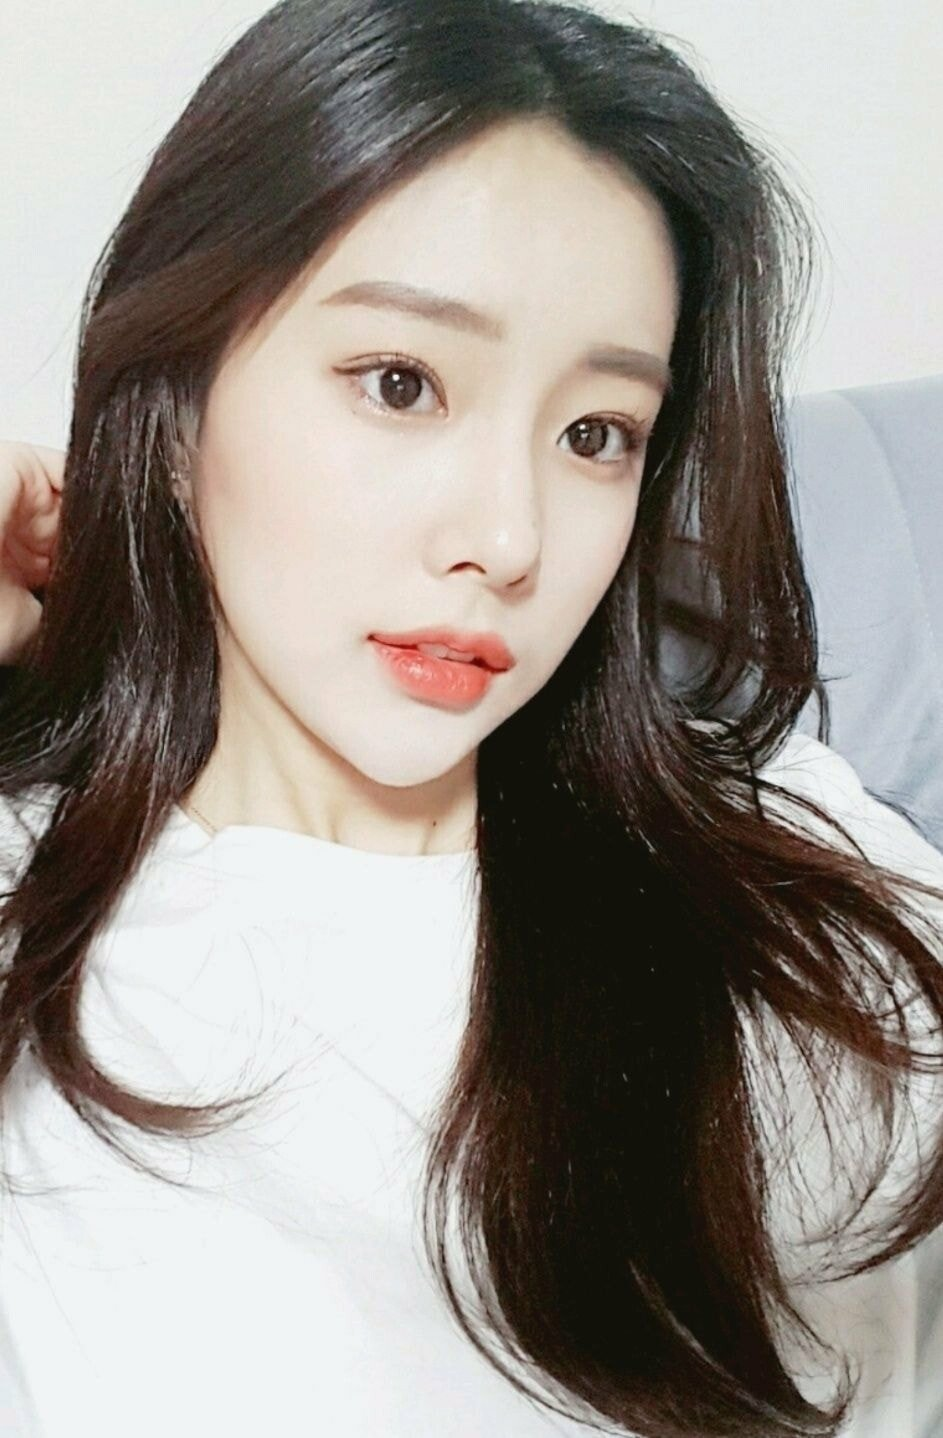 kanghyewon-20180909-180943-016.jpg 강혜원 데뷔 전후 셀카